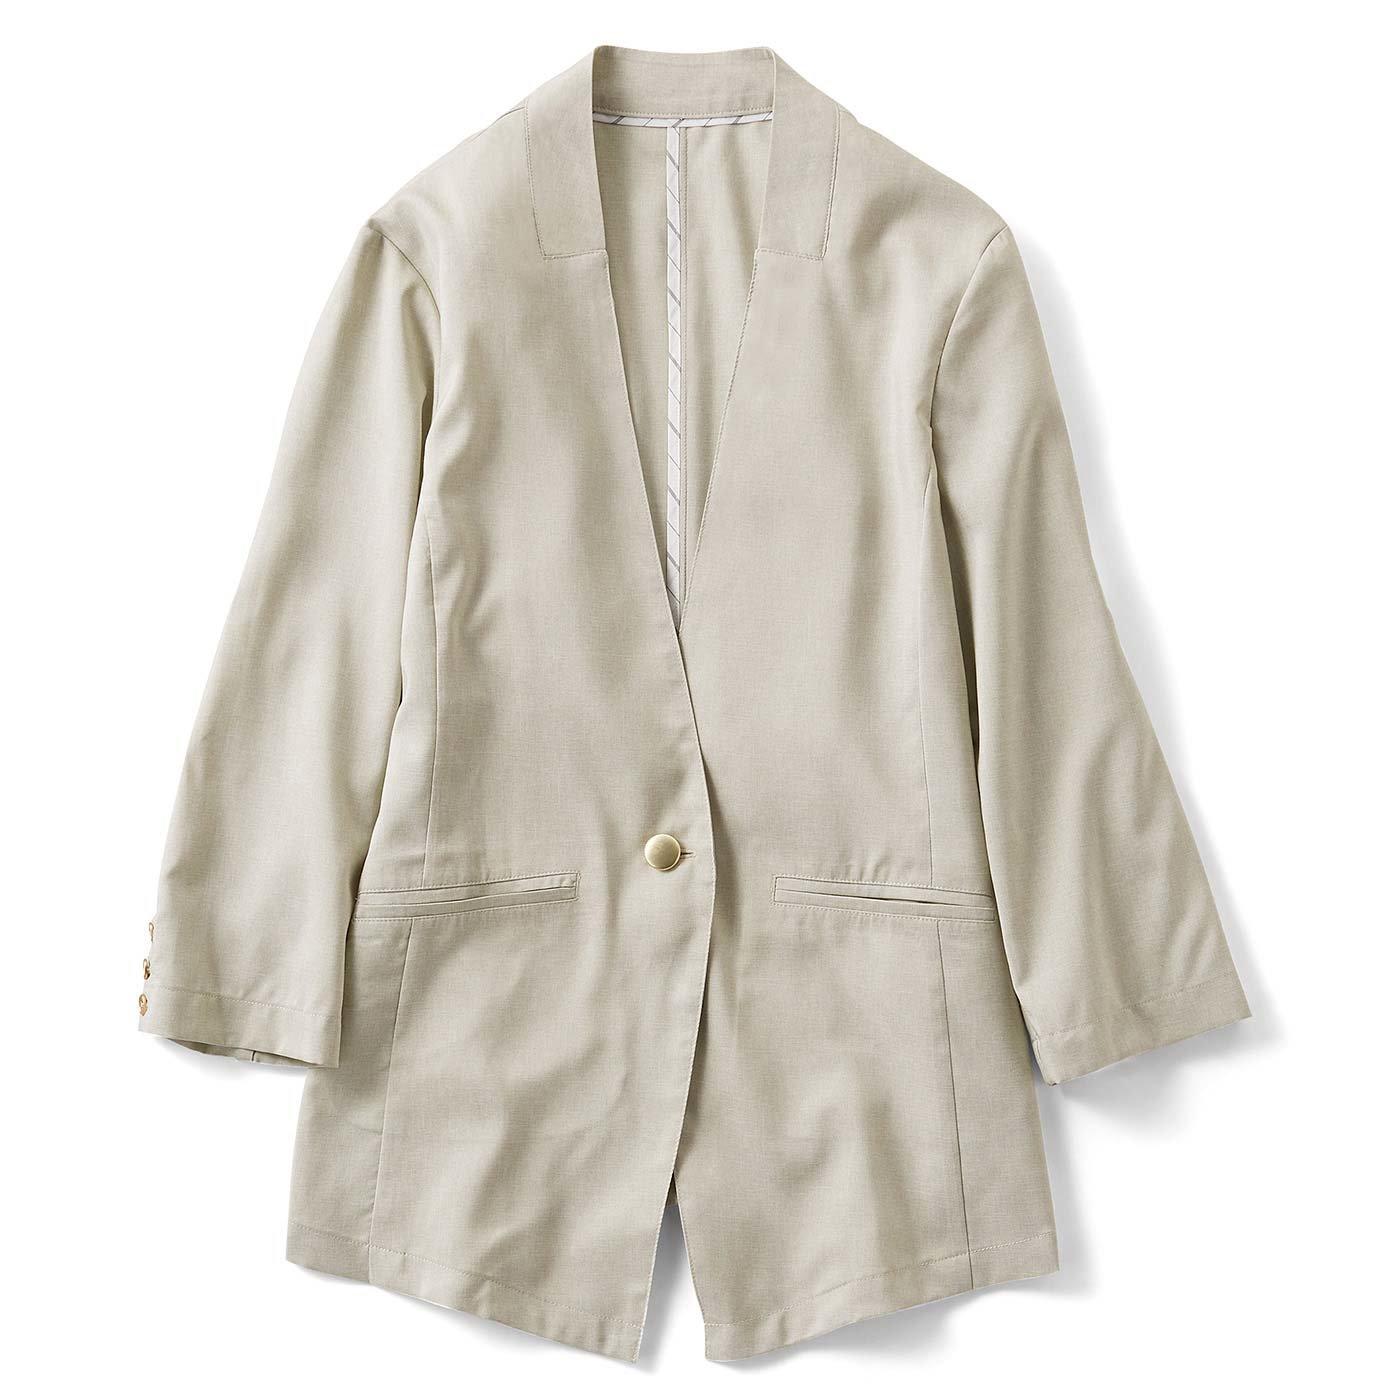 IEDIT イージーケアできれいをキープする さらっと軽やかなリネンライクジャケット〈ドライベージュ〉